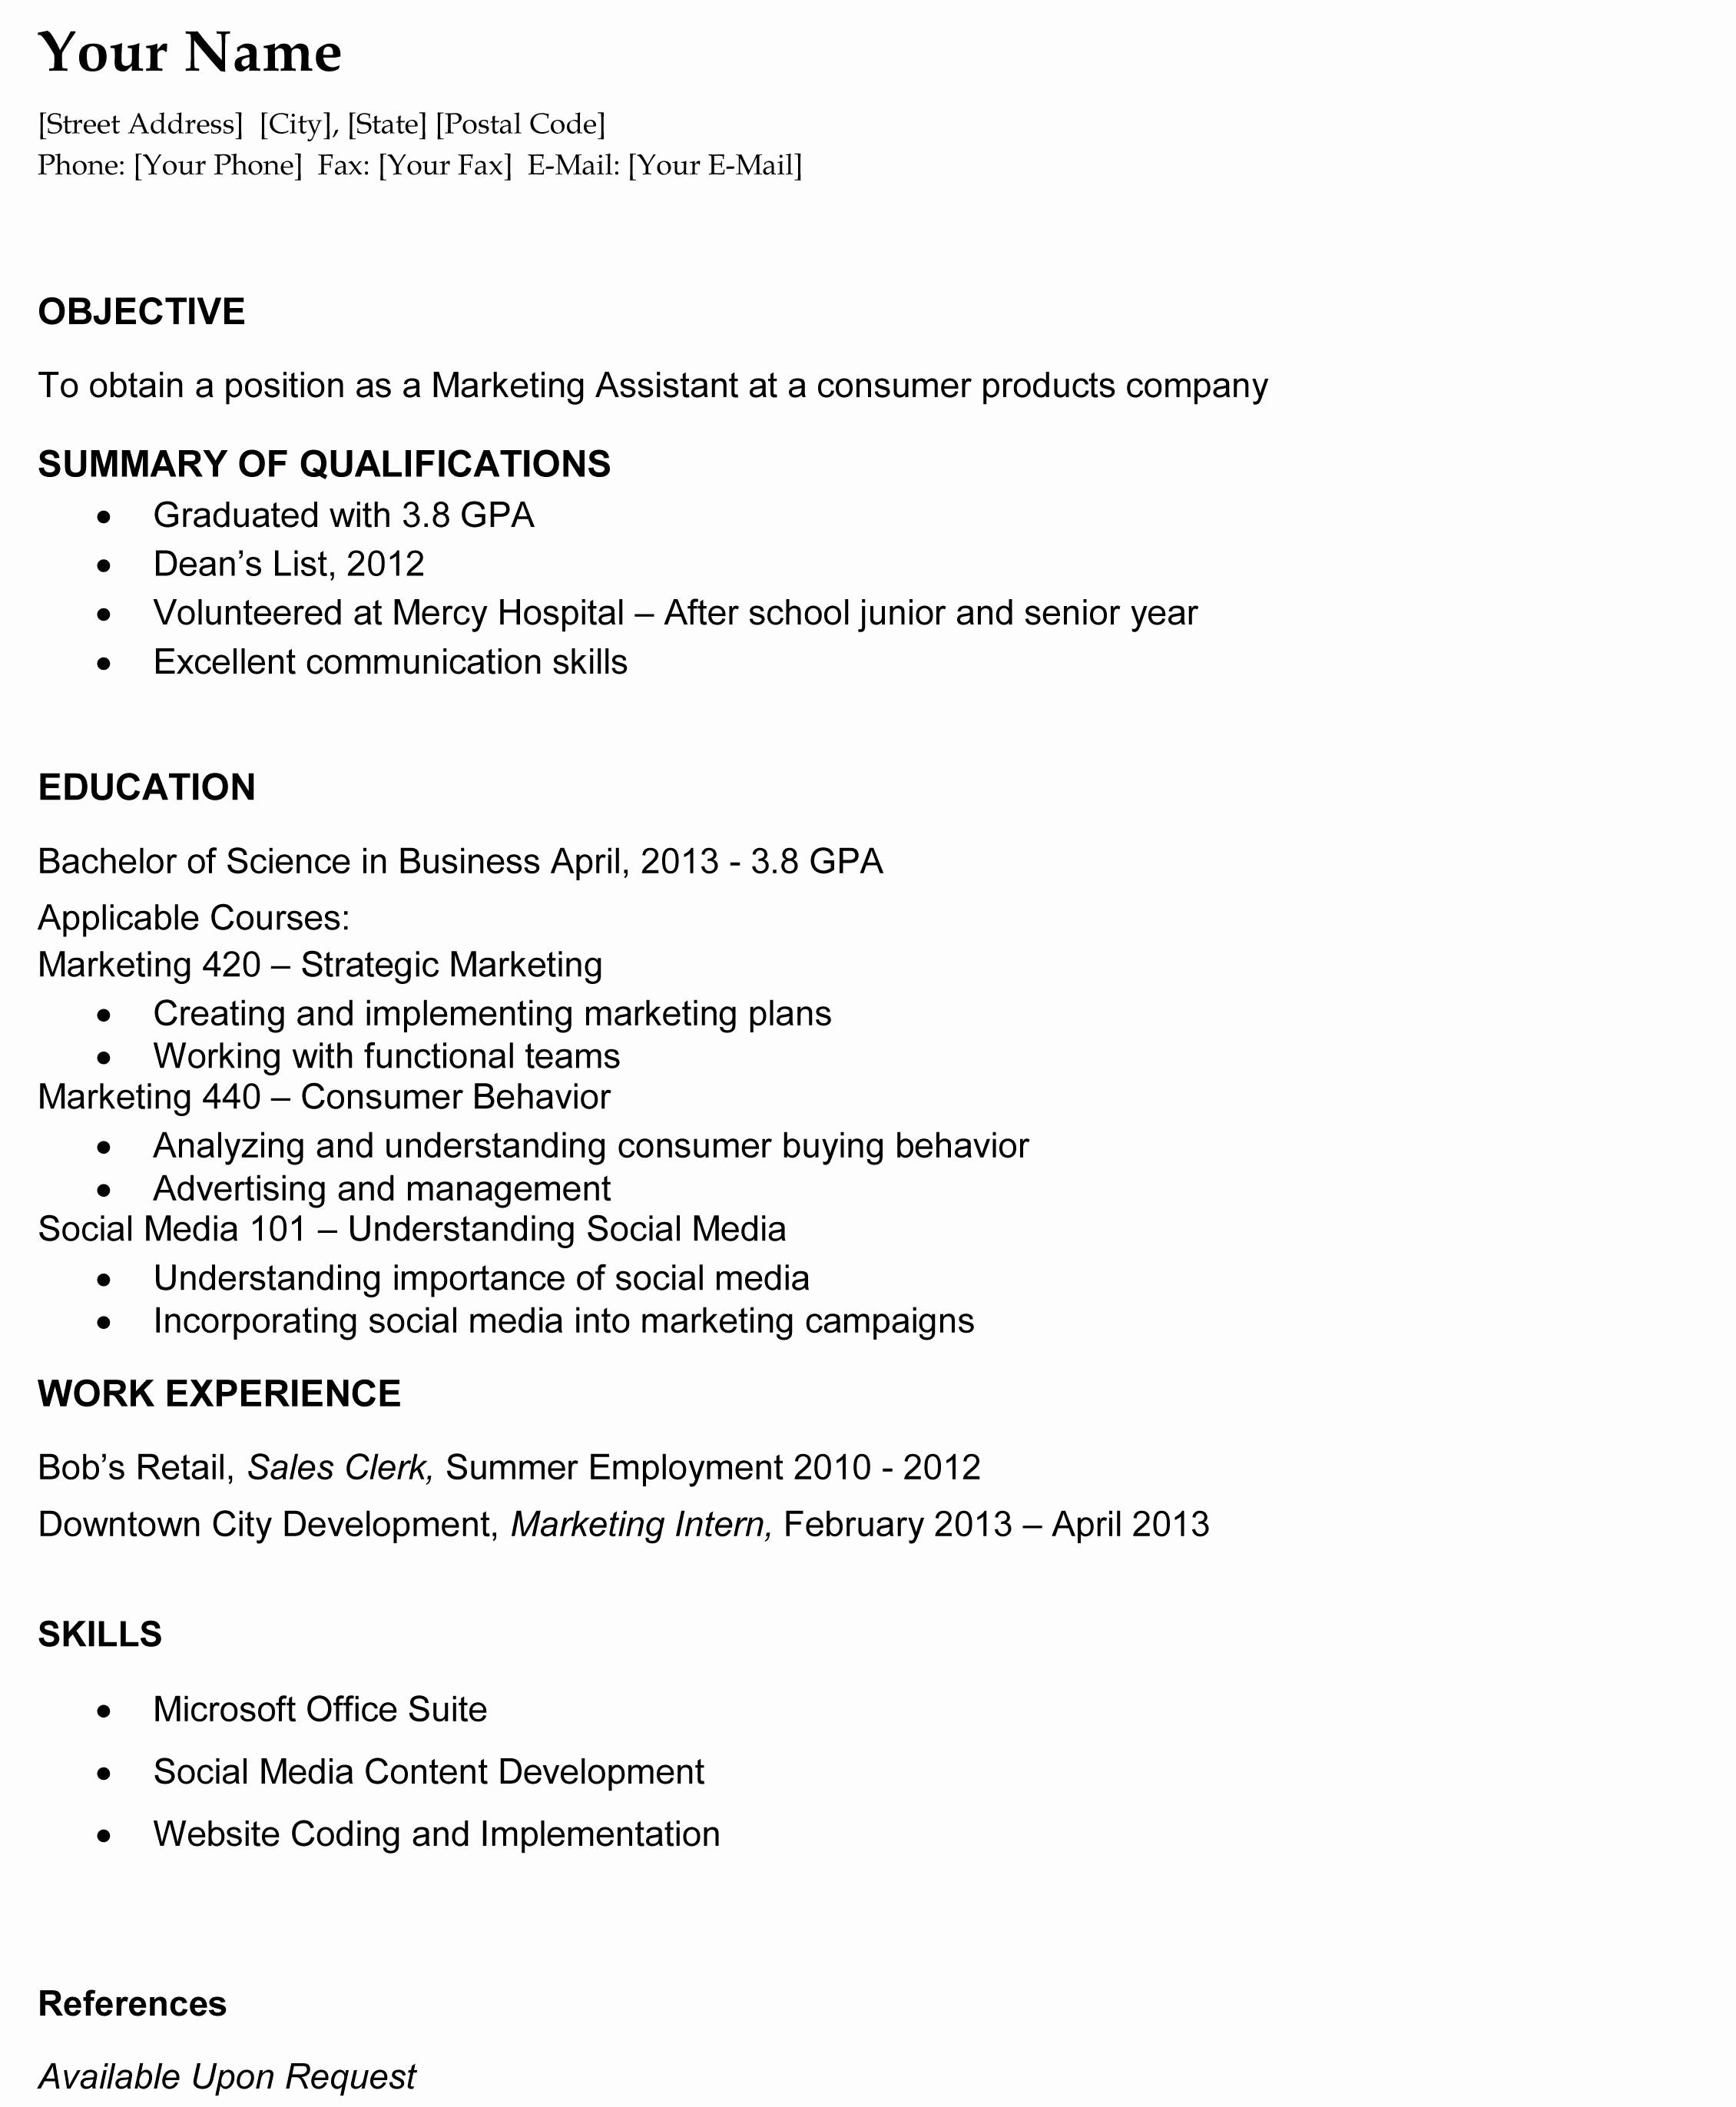 Sample Resume for College Graduate Unique Resume format Resume Templates University